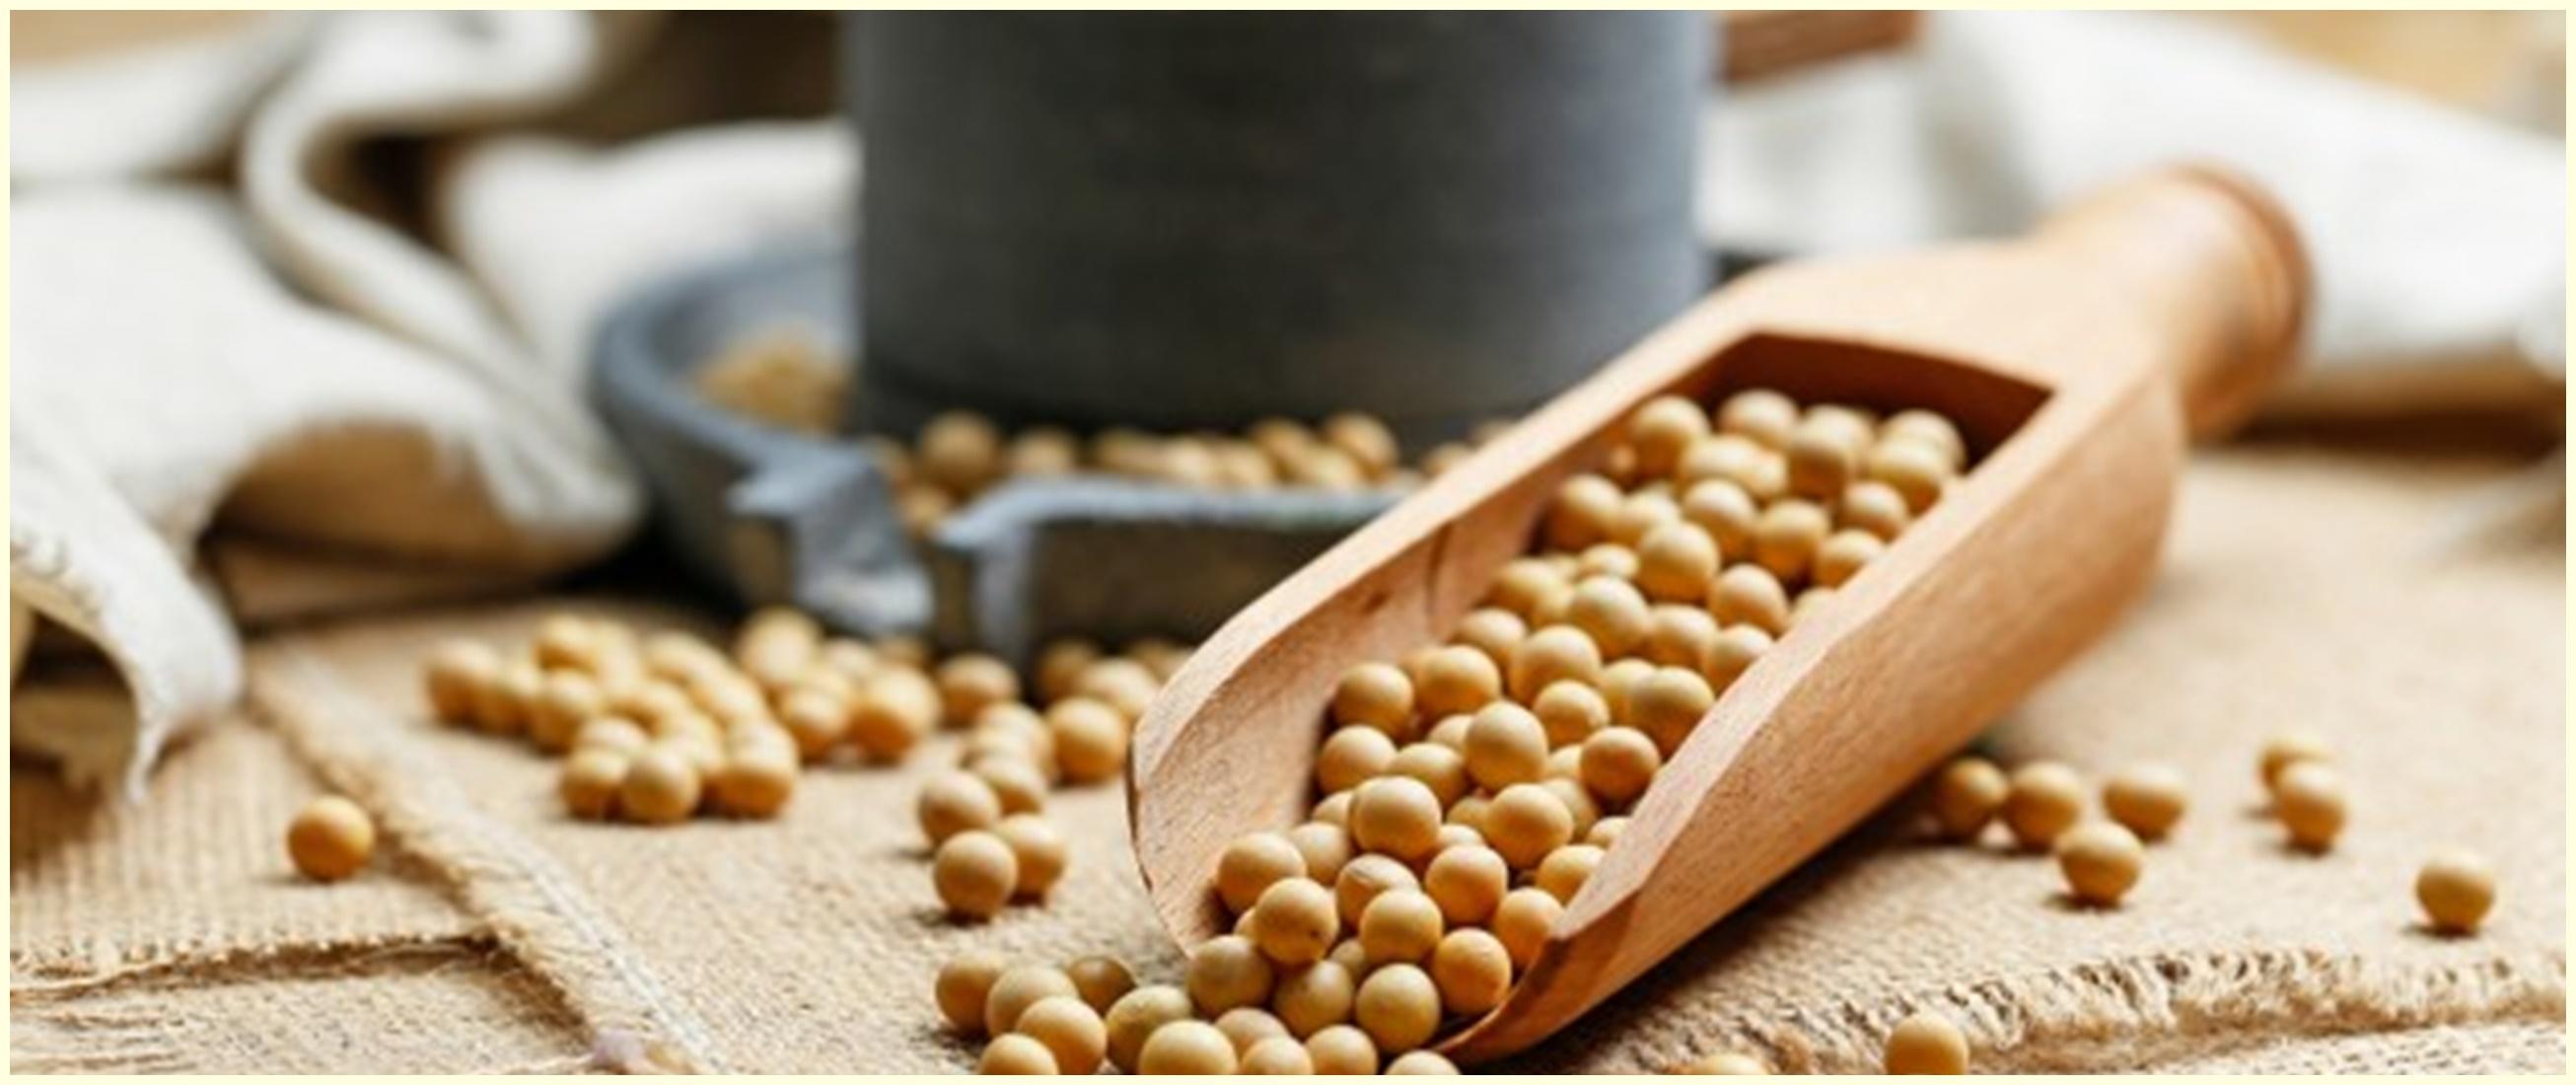 10 Manfaat kedelai untuk kesehatan, mengatasi gejala menopause